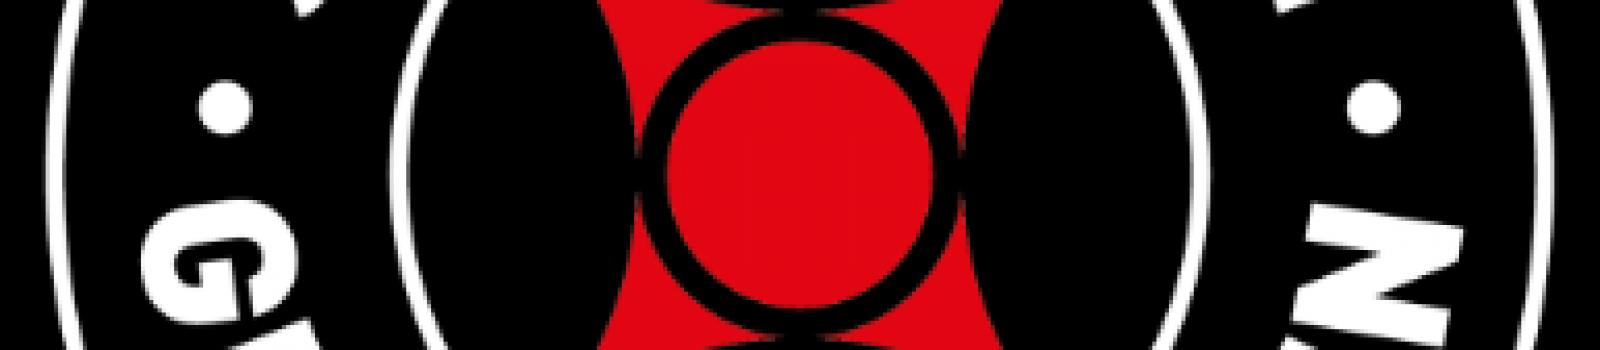 JCKGE Logo